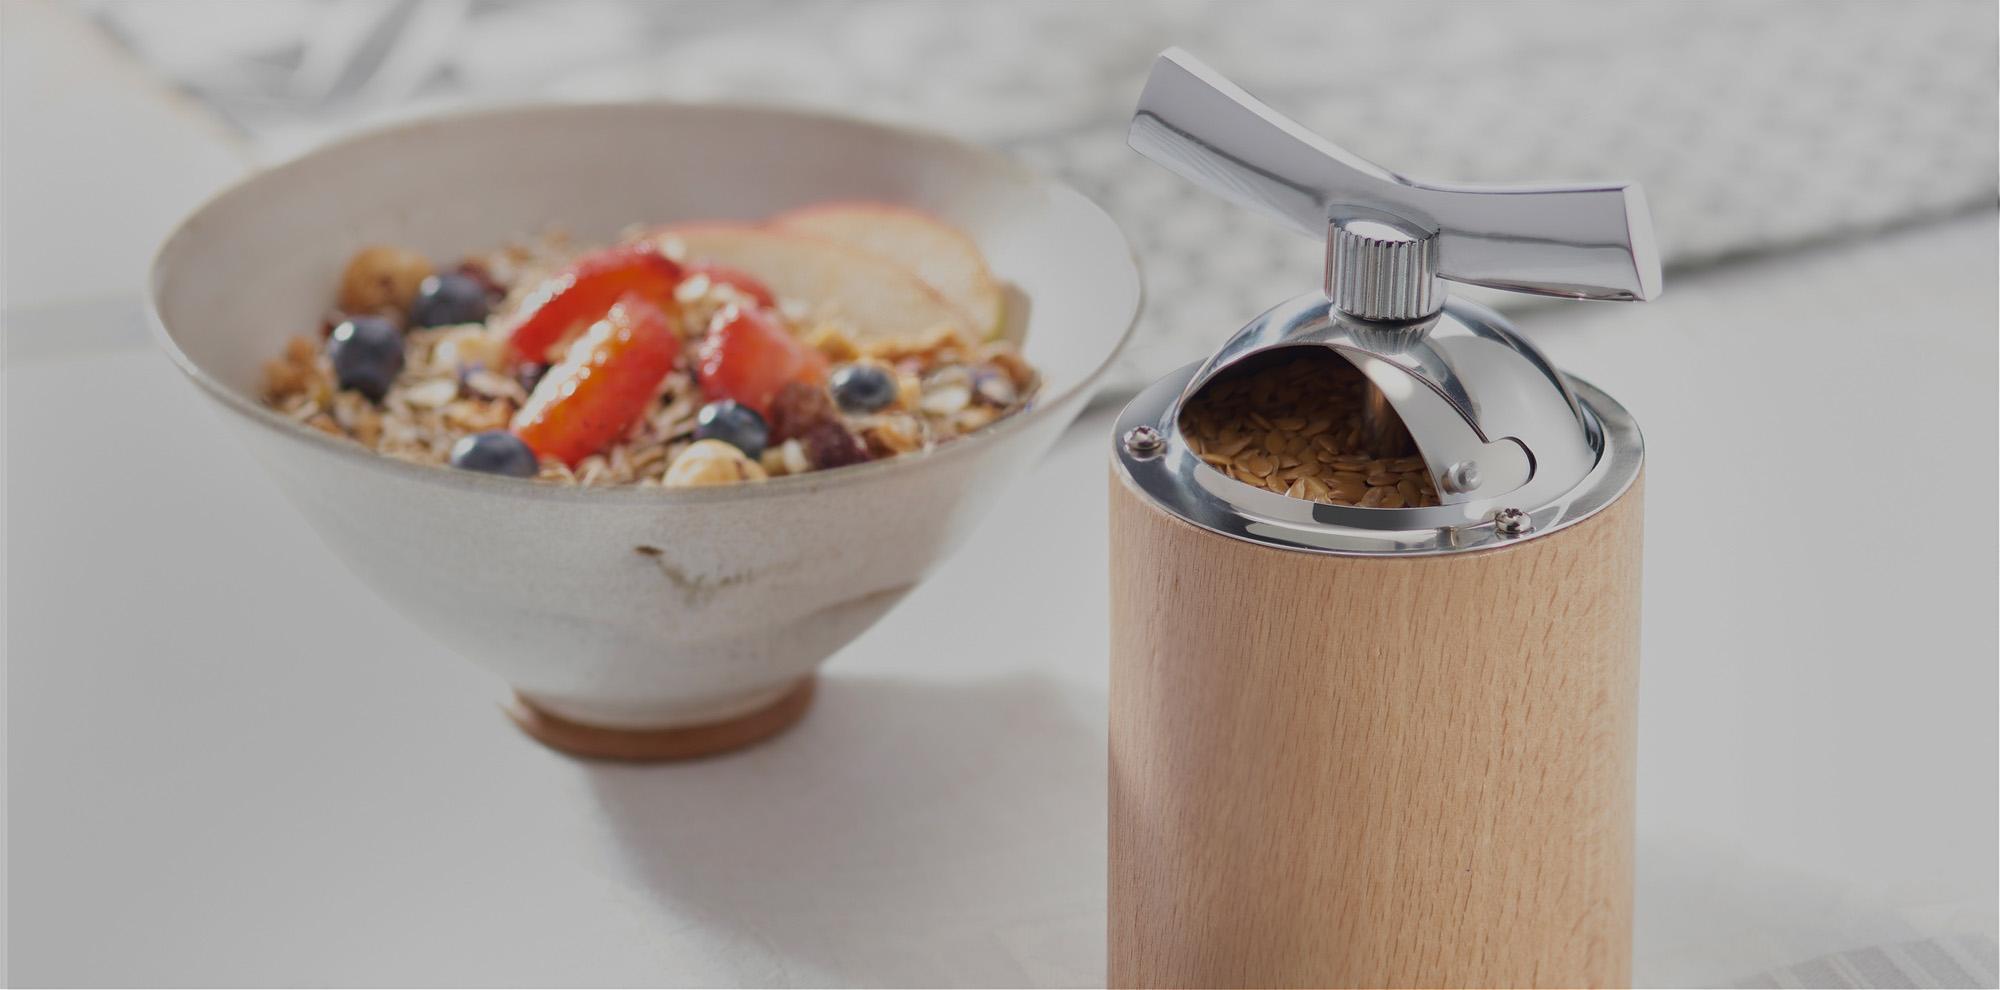 Le moulin graines de lin peugeot saveurs - Moulin graines de lin cuisine ...